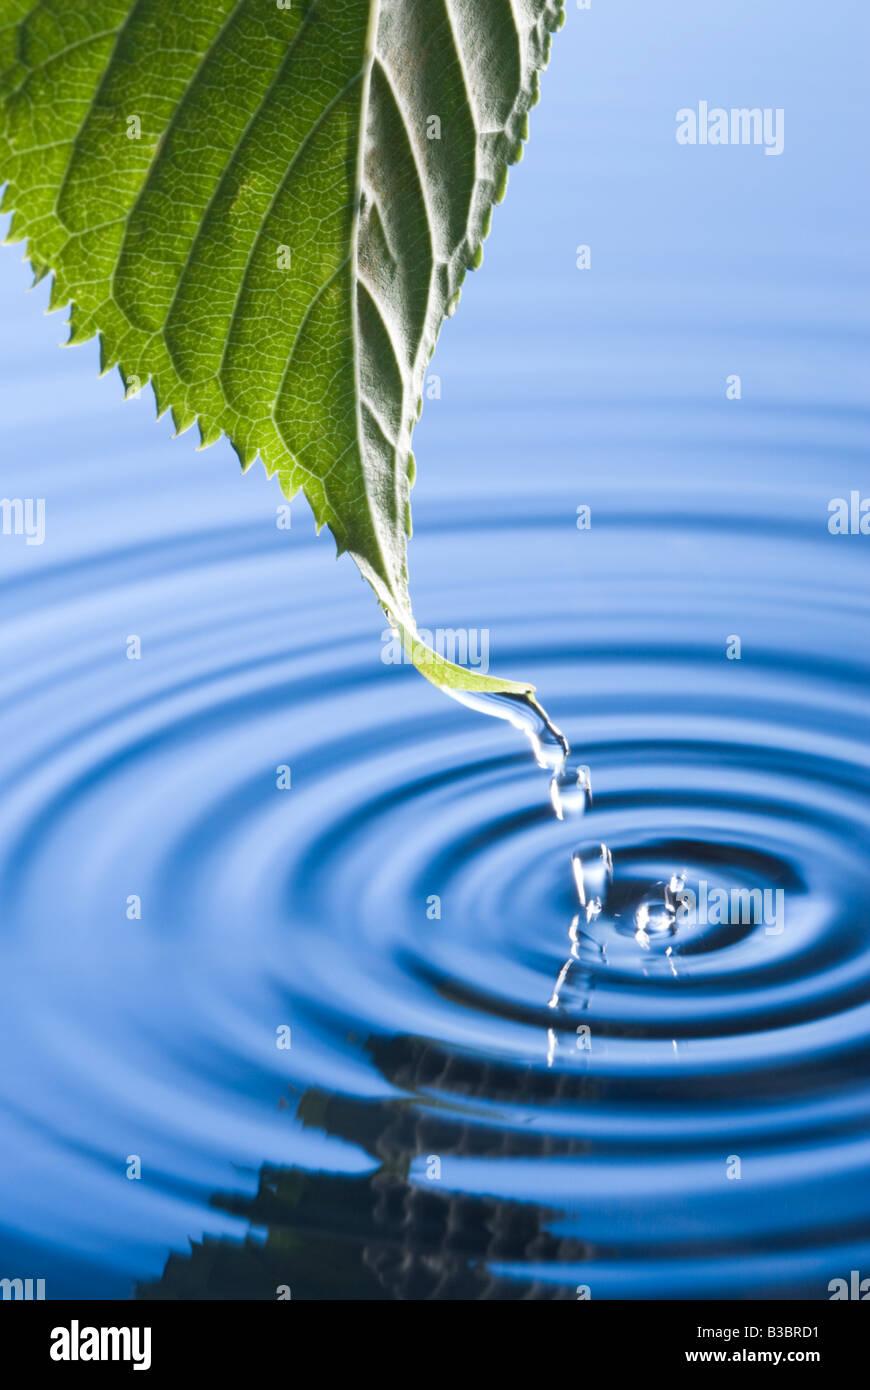 Wassertropfen vom Blatt verursacht Wellen fallen. Blühender Kirschbaum Blatt. Stockbild